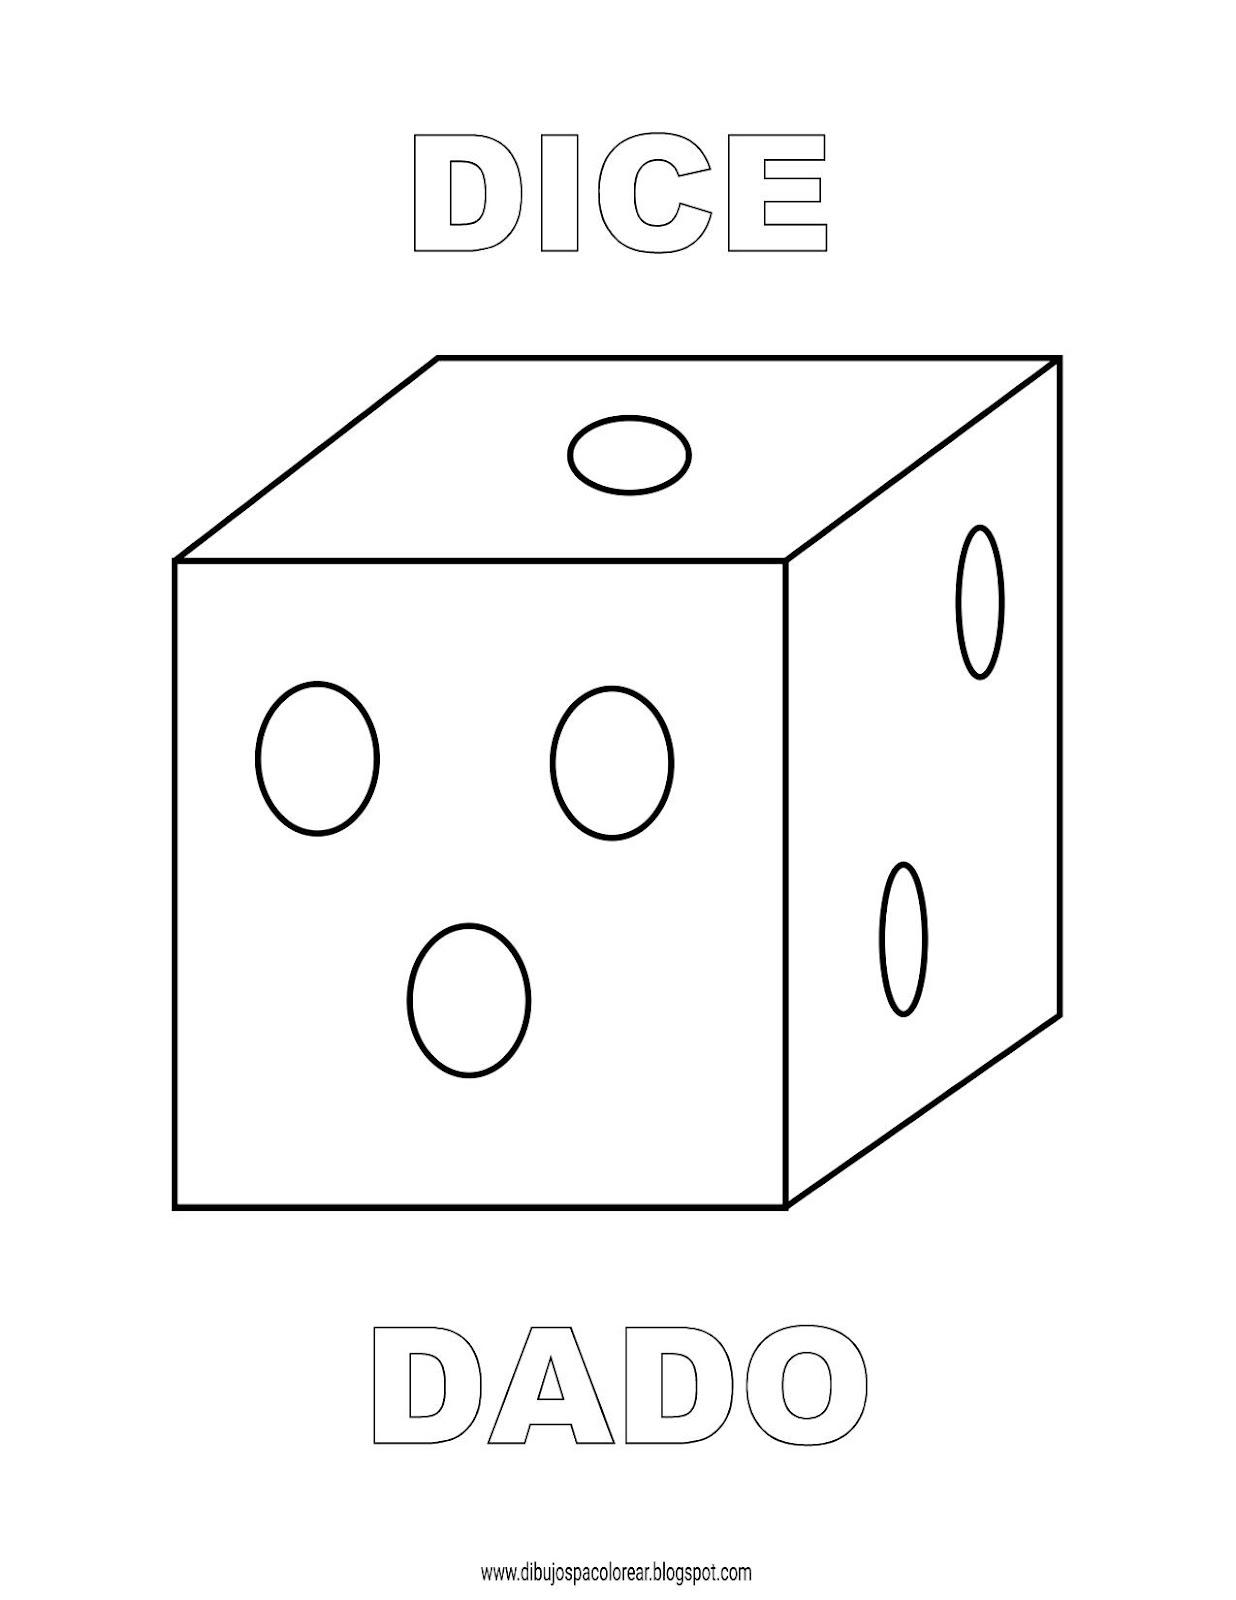 Dibujos Inglés Español Con D Dado Dice